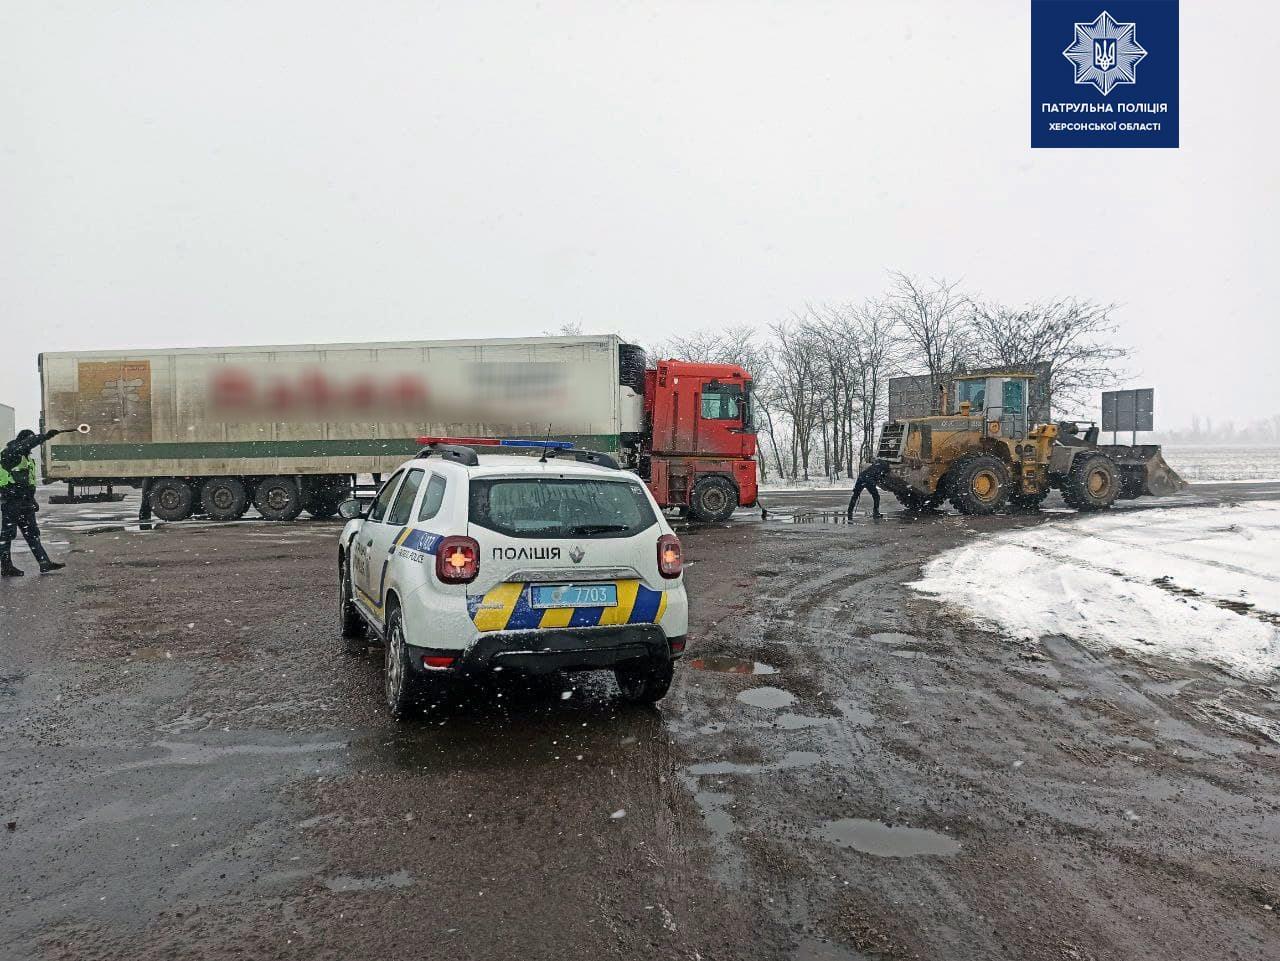 На Херсонщине помогли застрявшему на трассе неисправному грузовику